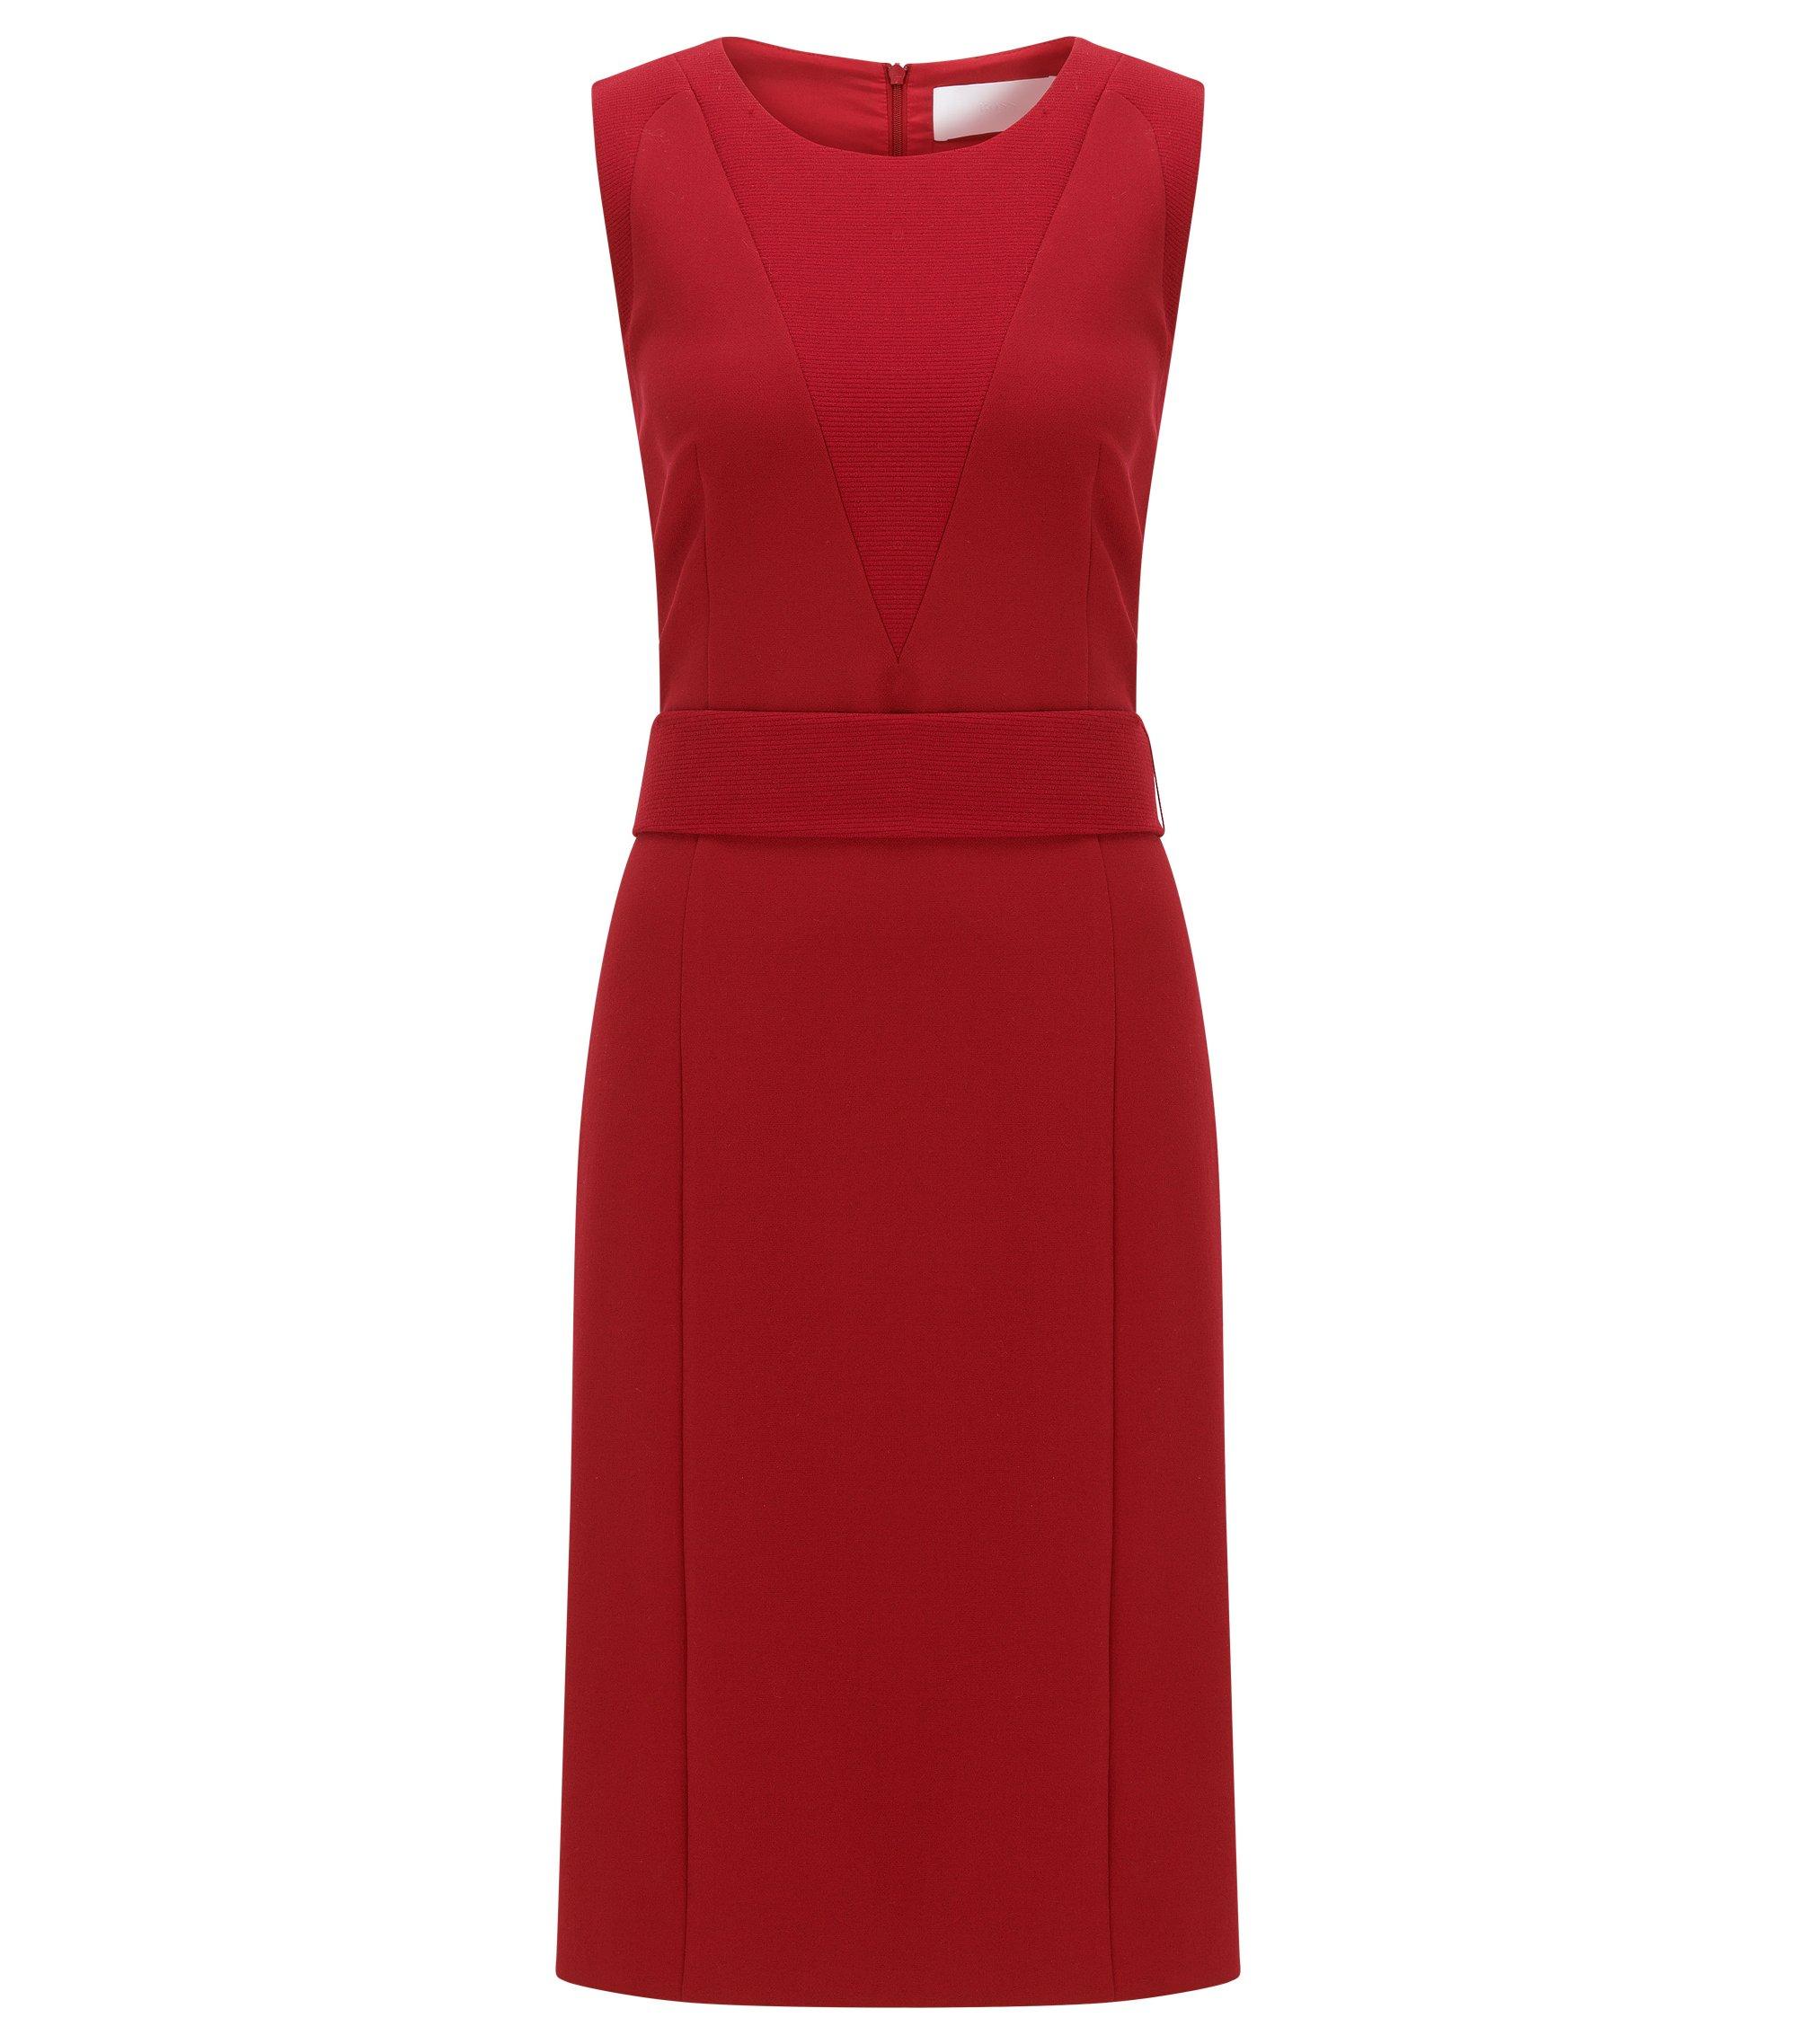 Vestido recto con textura en tejido elástico, Rojo